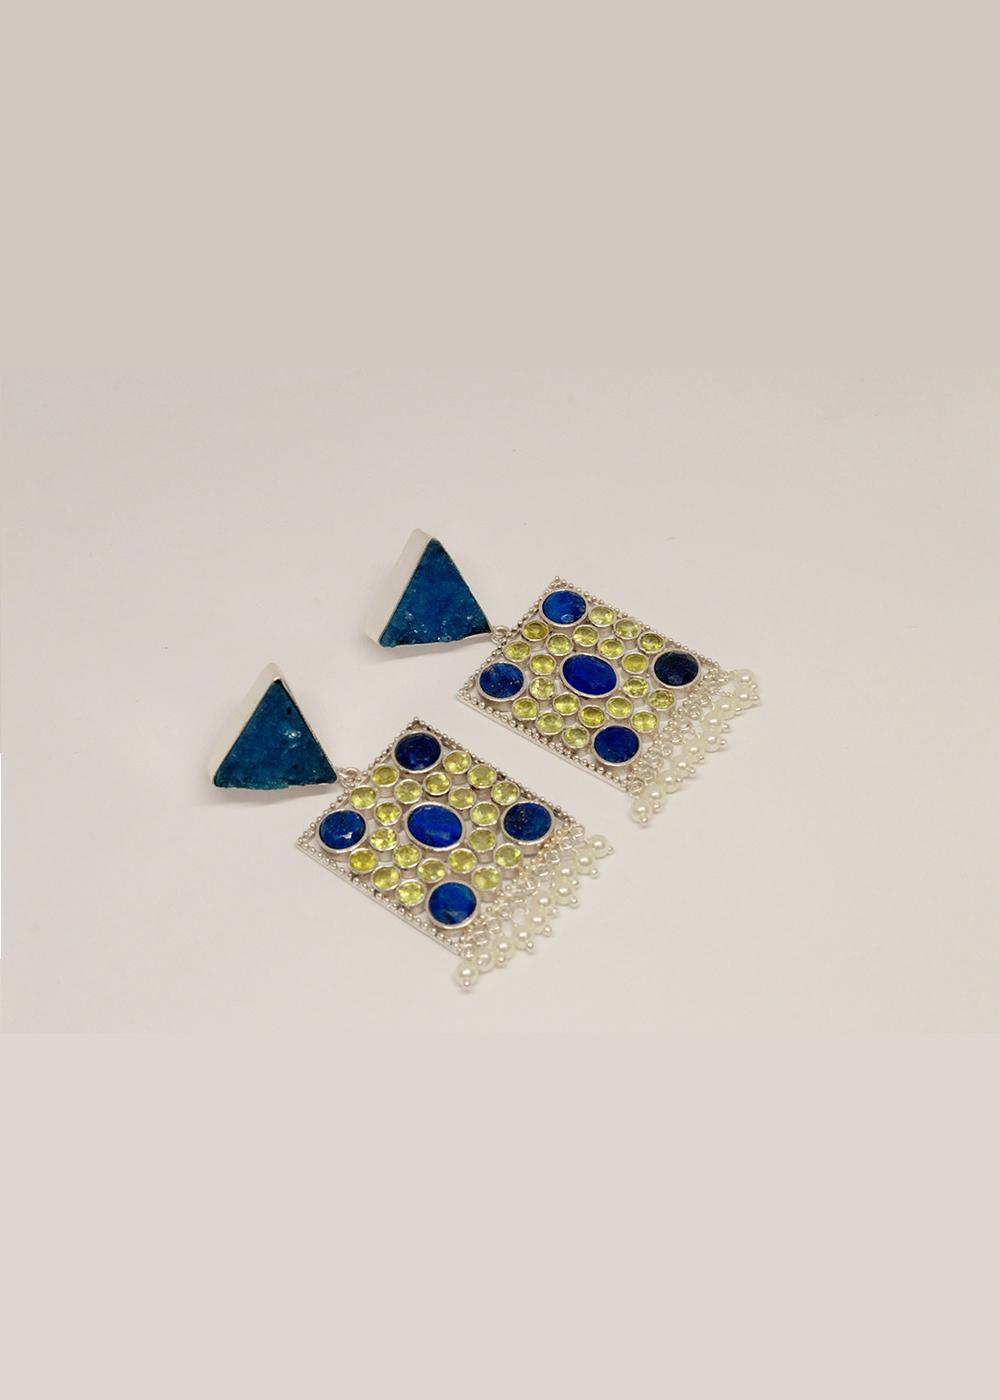 Jantar Earrings Blue Druzy, Lapis, Peridot